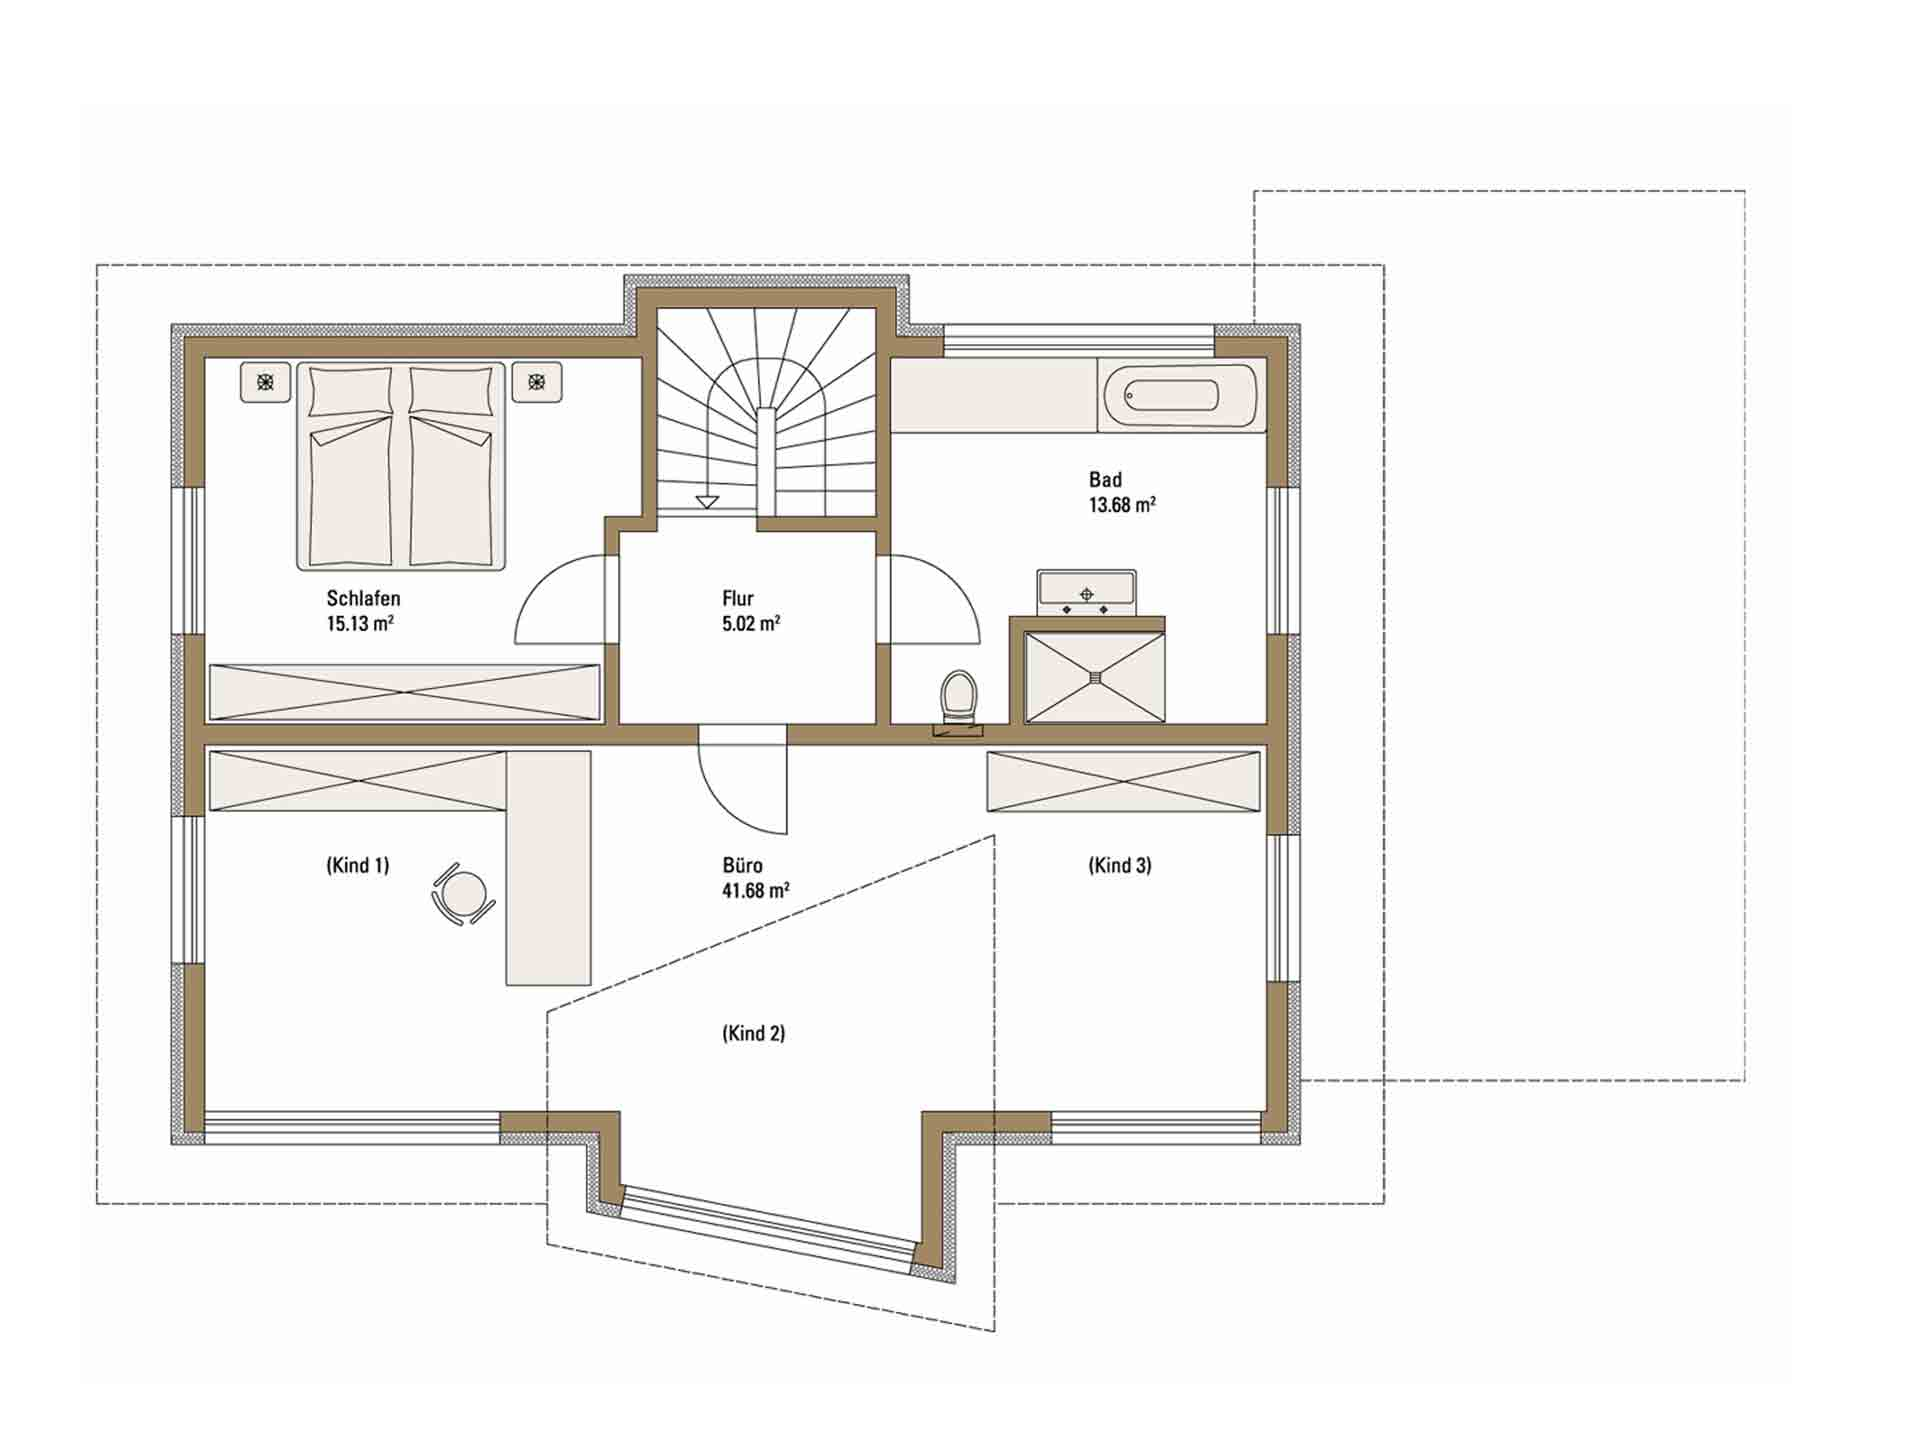 Musterhaus Erlangen - Eine Nahaufnahme von einer Karte - Gebäudeplan